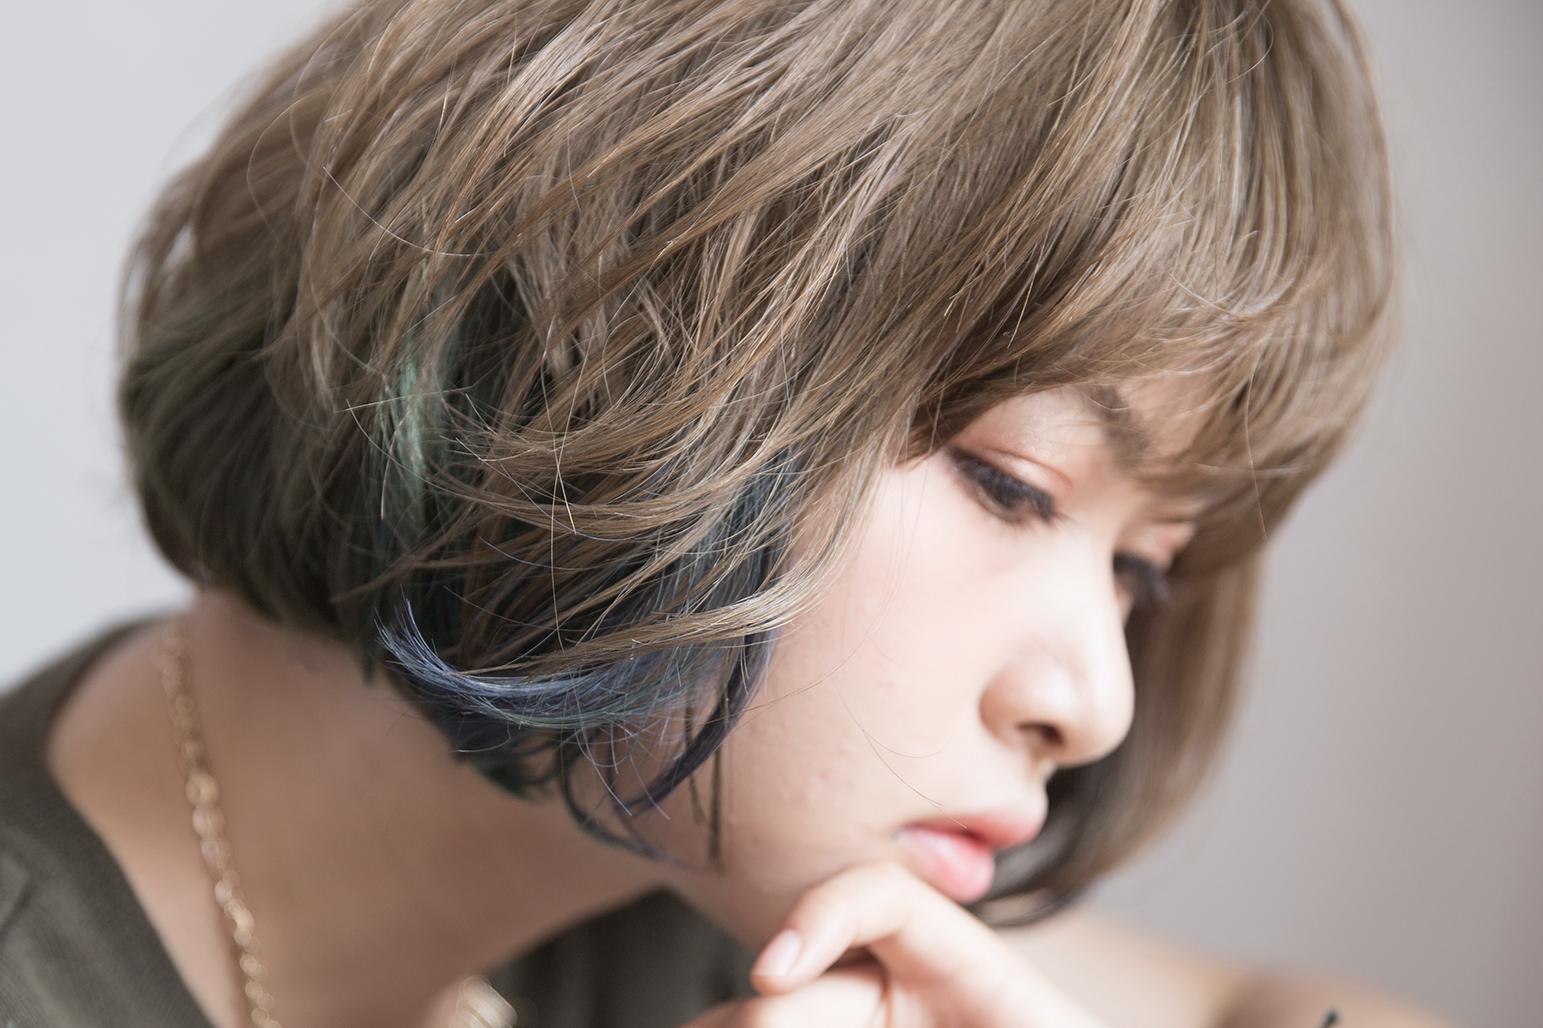 多色染めカラーバターの仕上がり写真 亀有の美容師 木暮史明のブログ